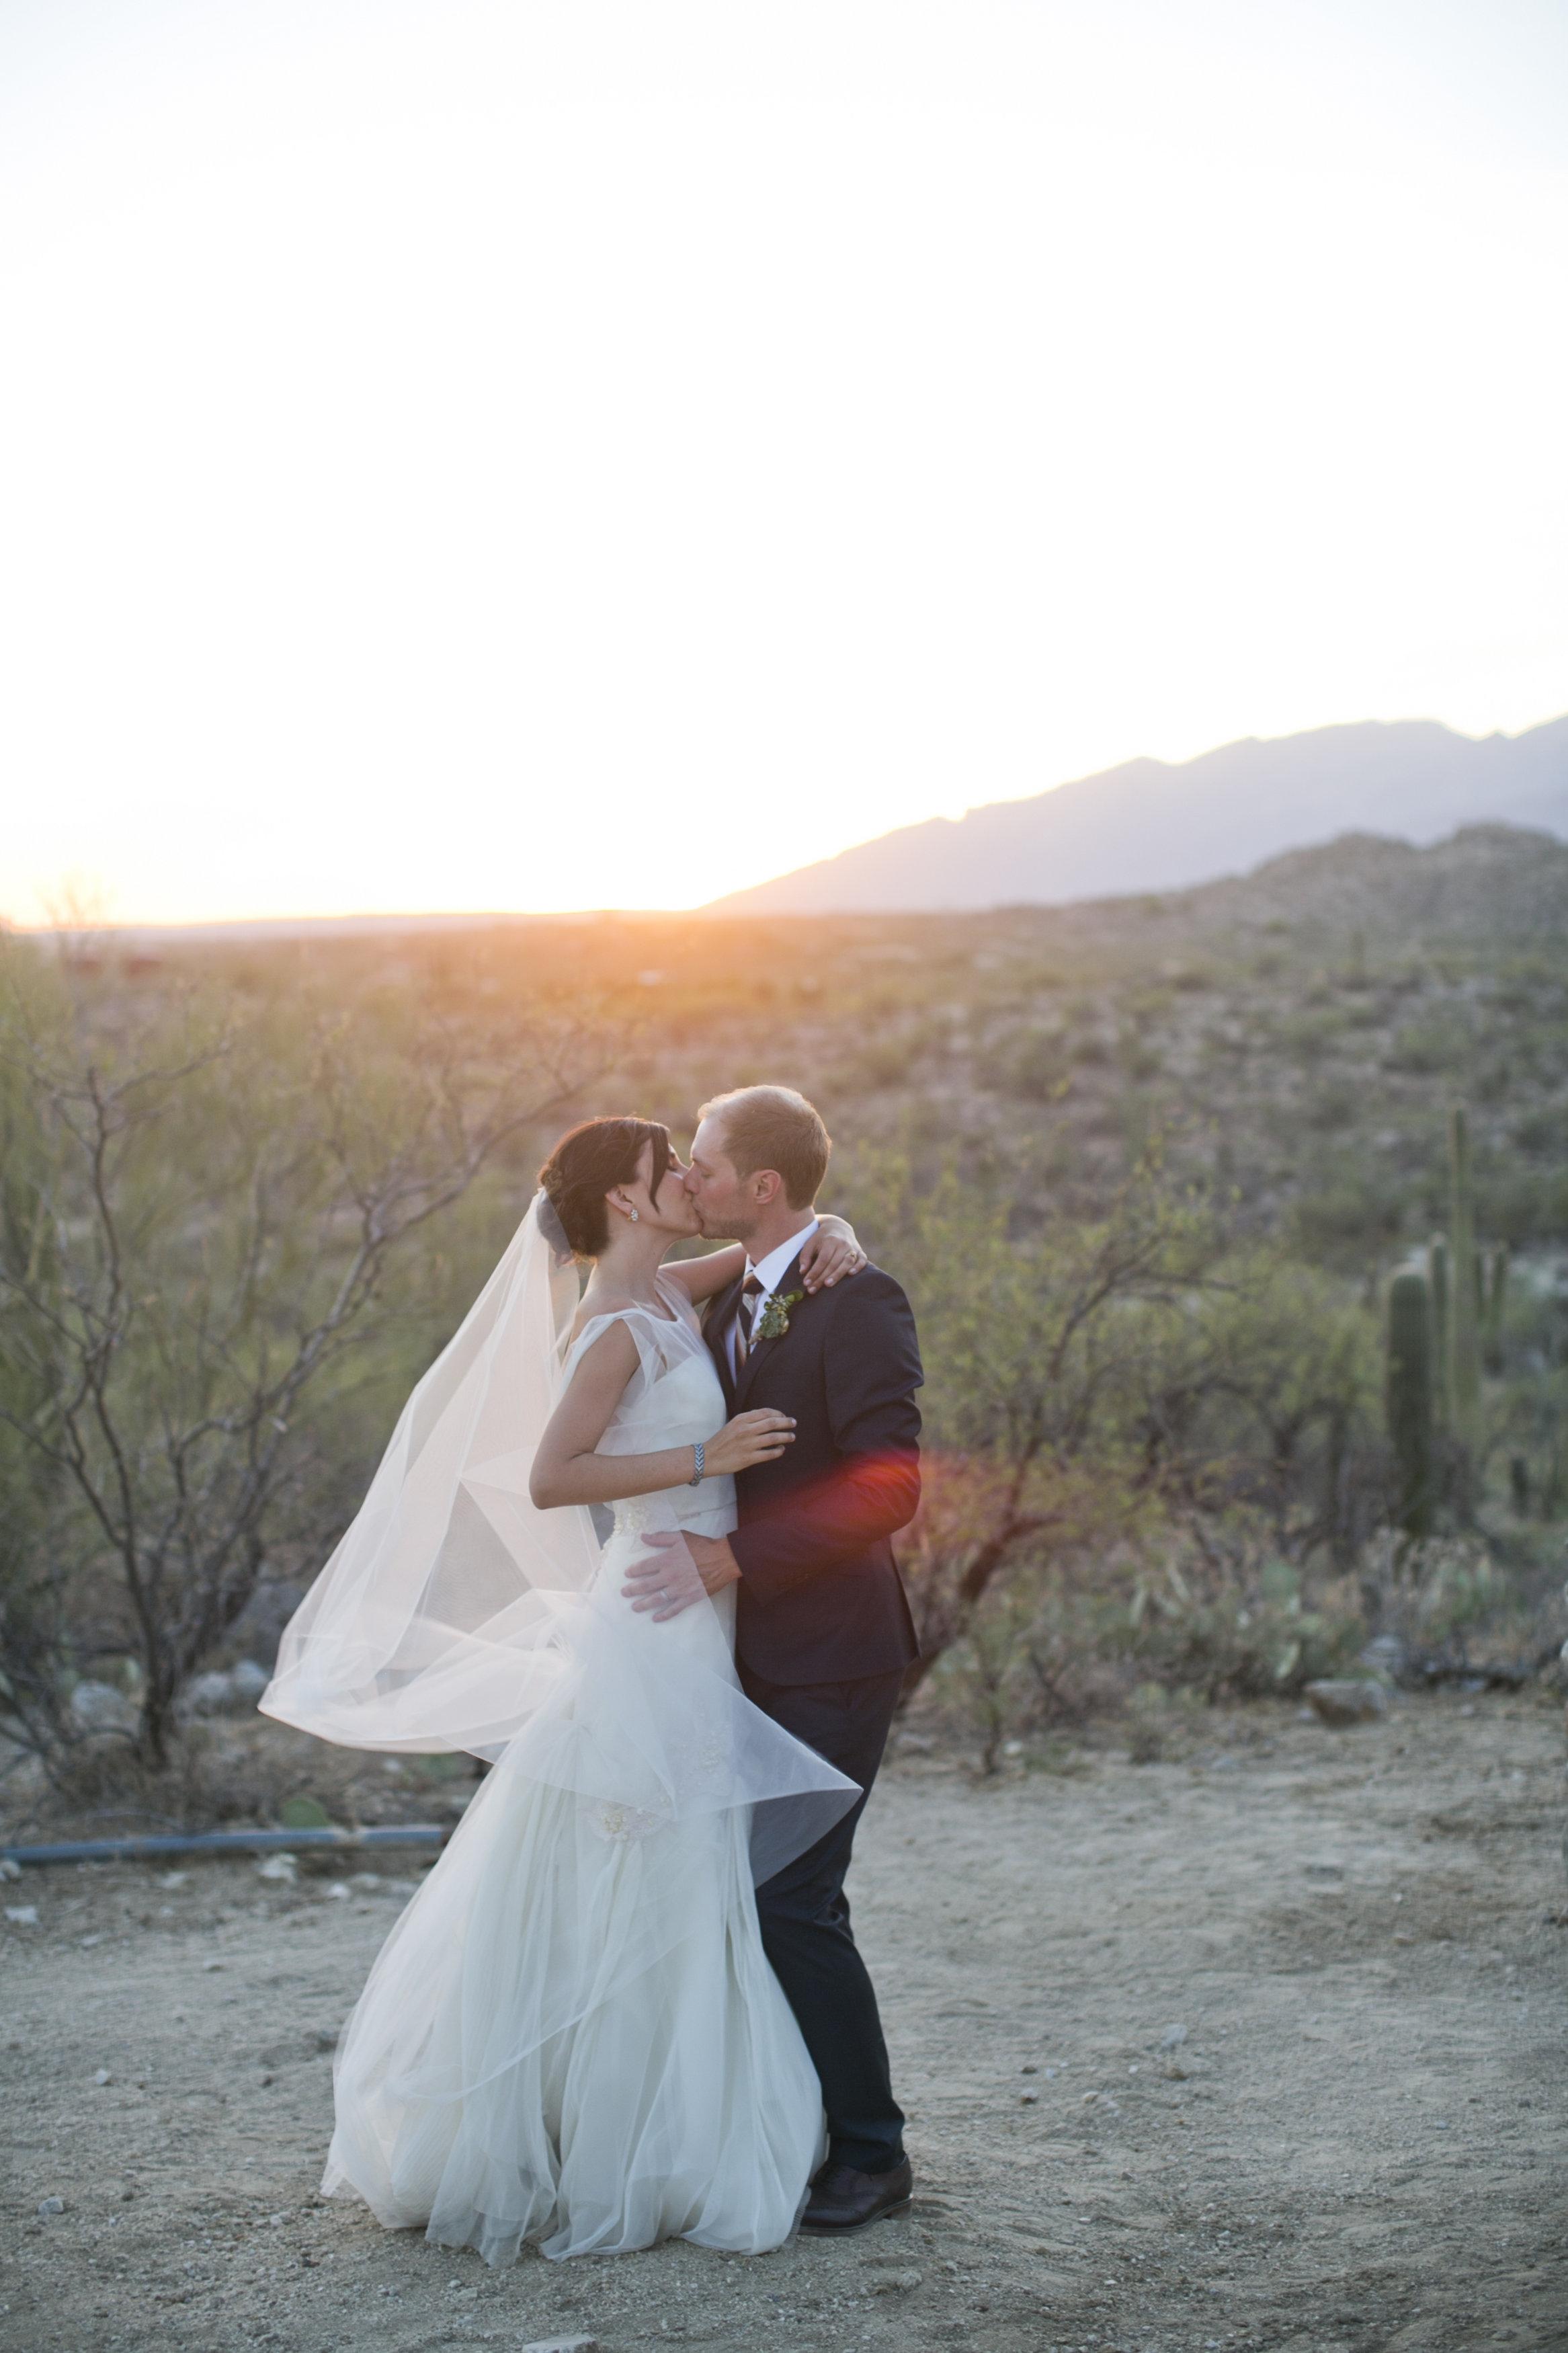 Ceci_New_York_Ceci_Style_Ceci_Johnson_Luxury_Lifestyle_Arizona_Wedding_Watercolor_Inspiration_Design_Custom_Couture_Personalized_Invitations_160.jpg